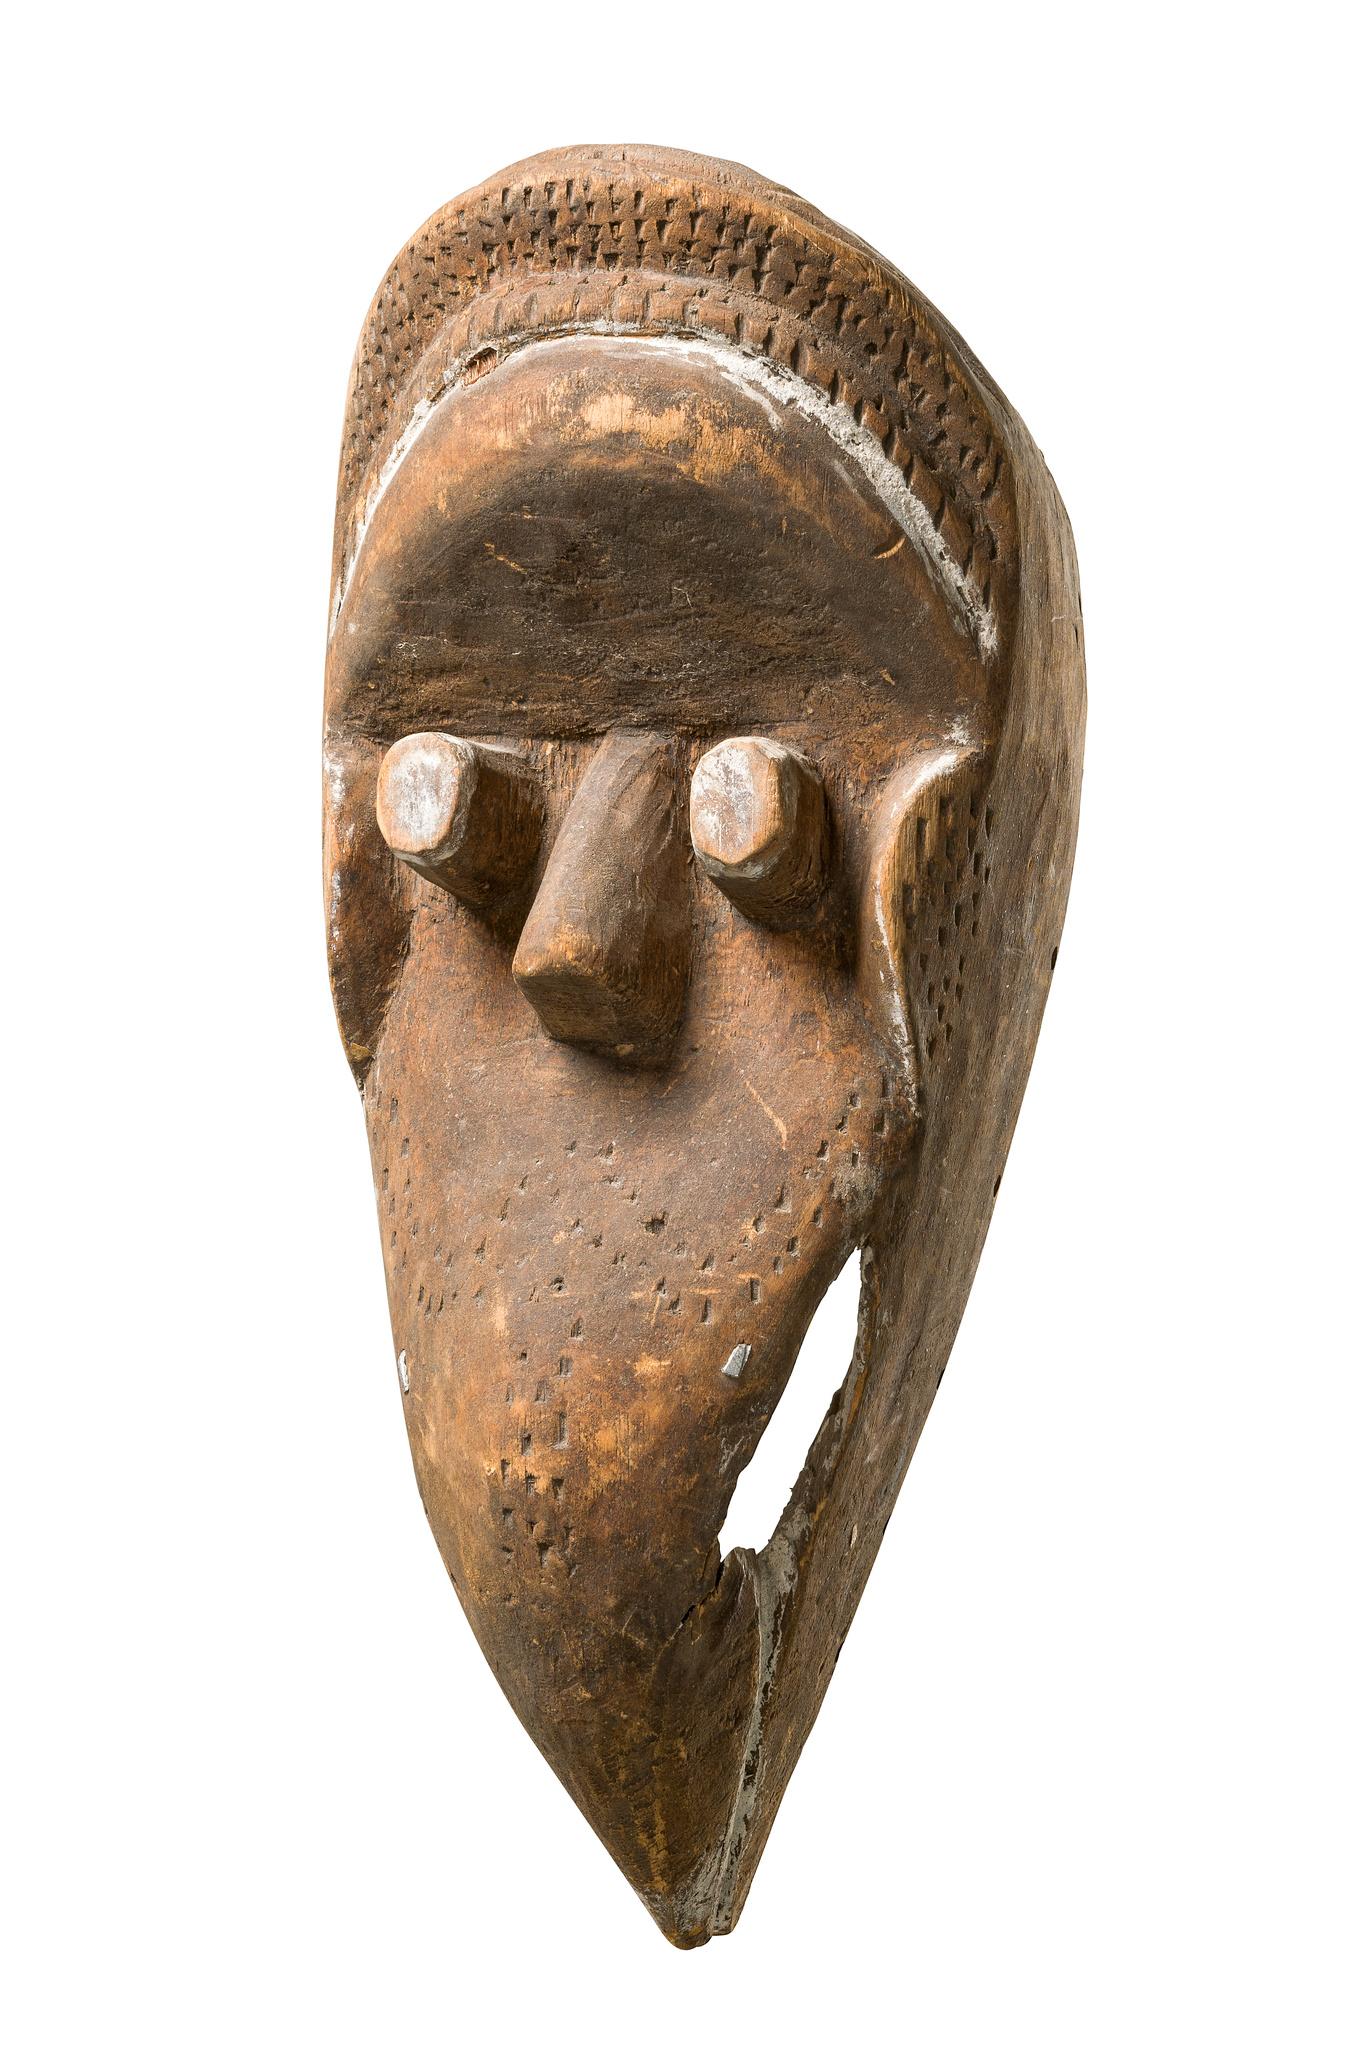 Anthropo-/zoomorphe Maske